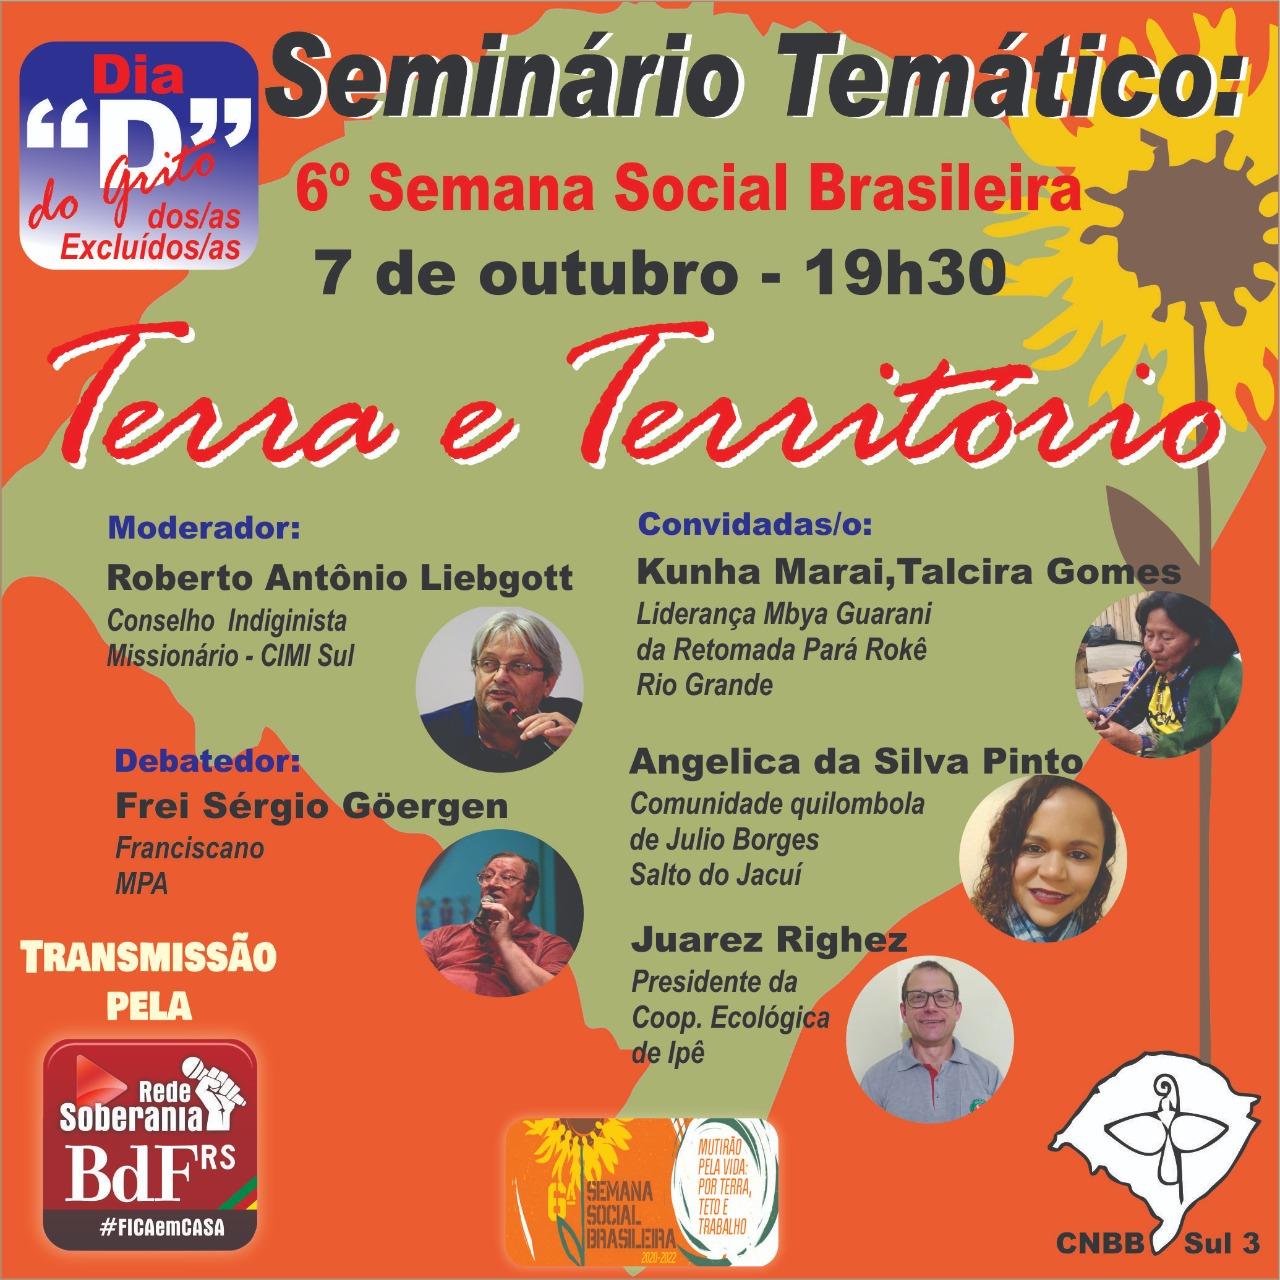 6ª Semana Social Brasileira promove série de debates no Regional Sul 3